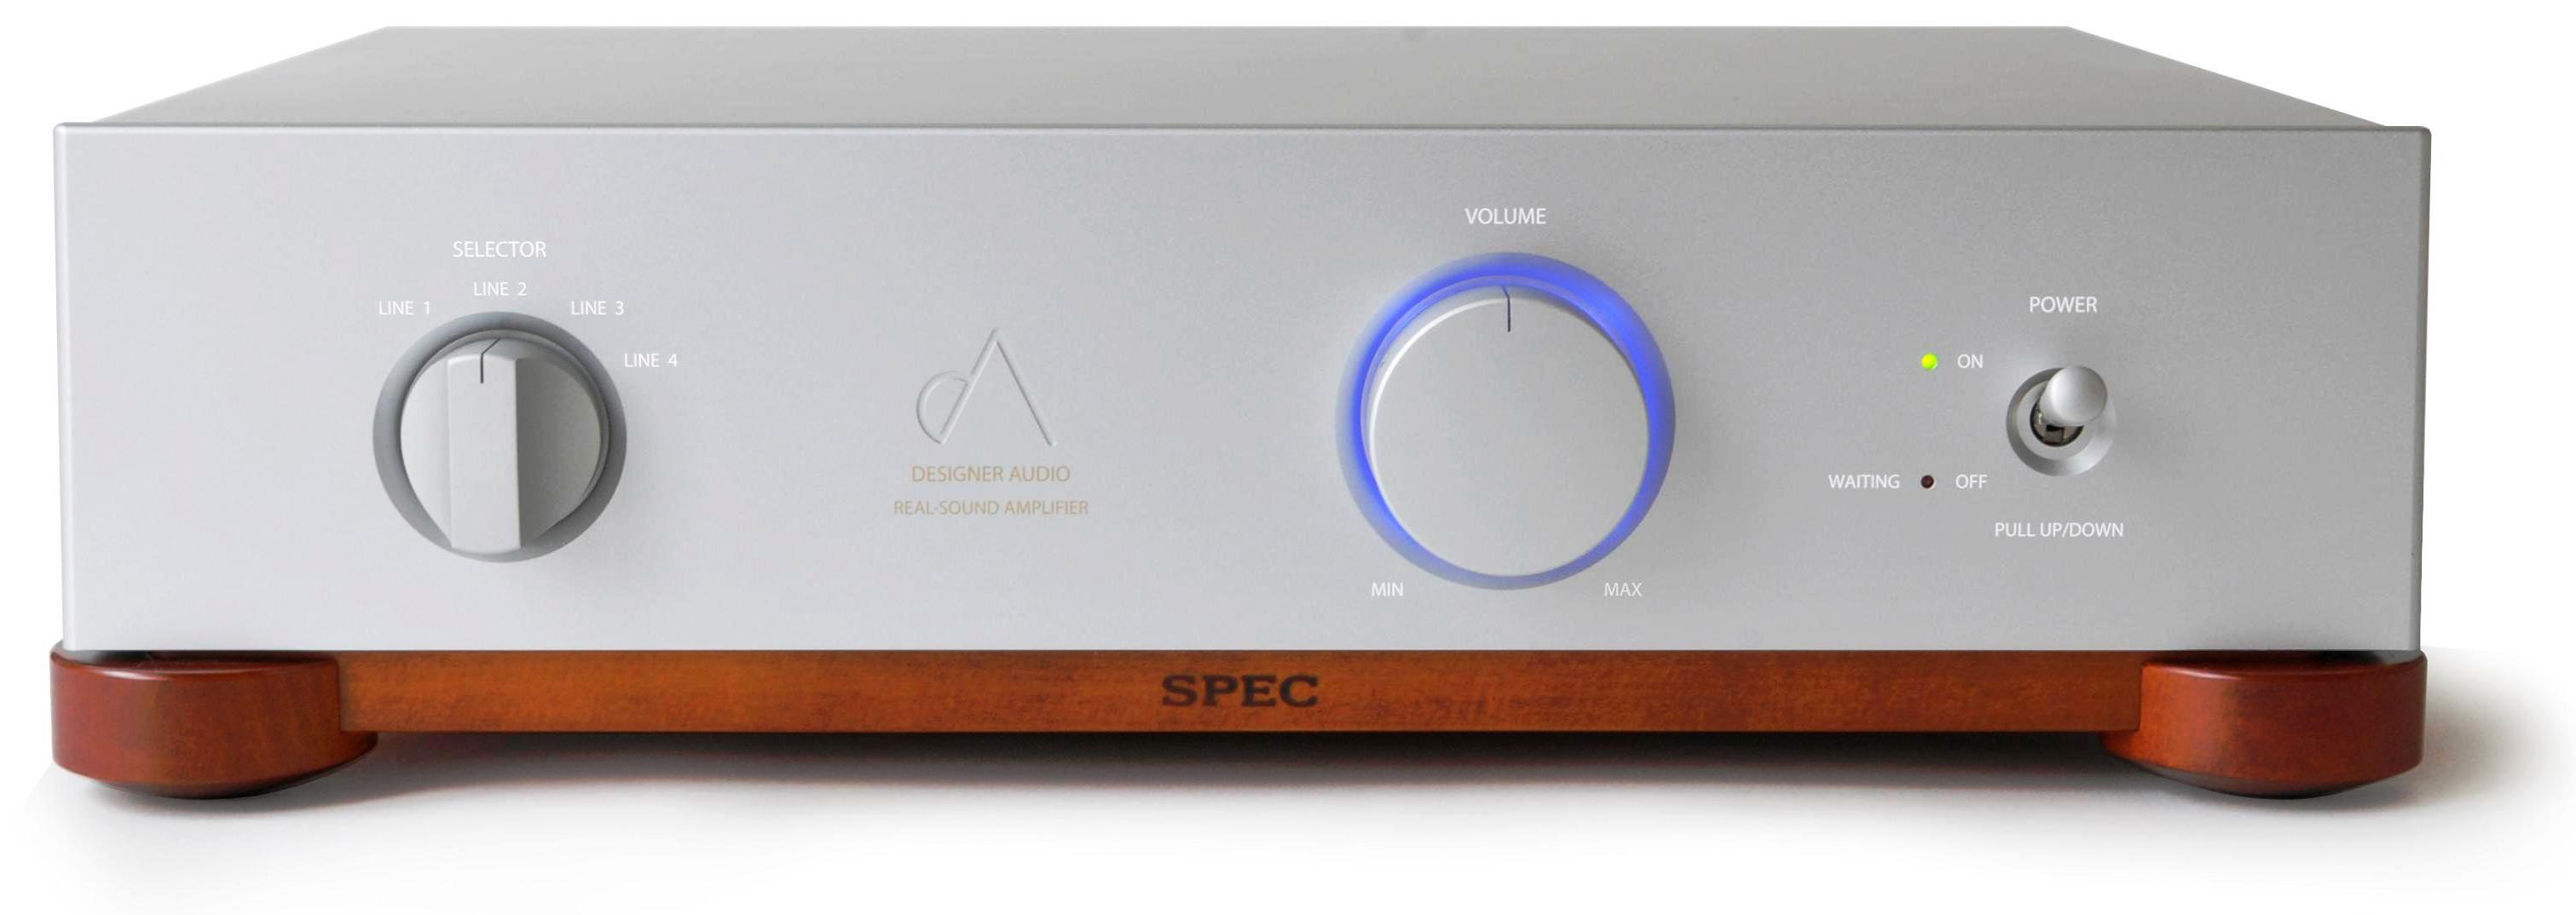 spec-amplificatore